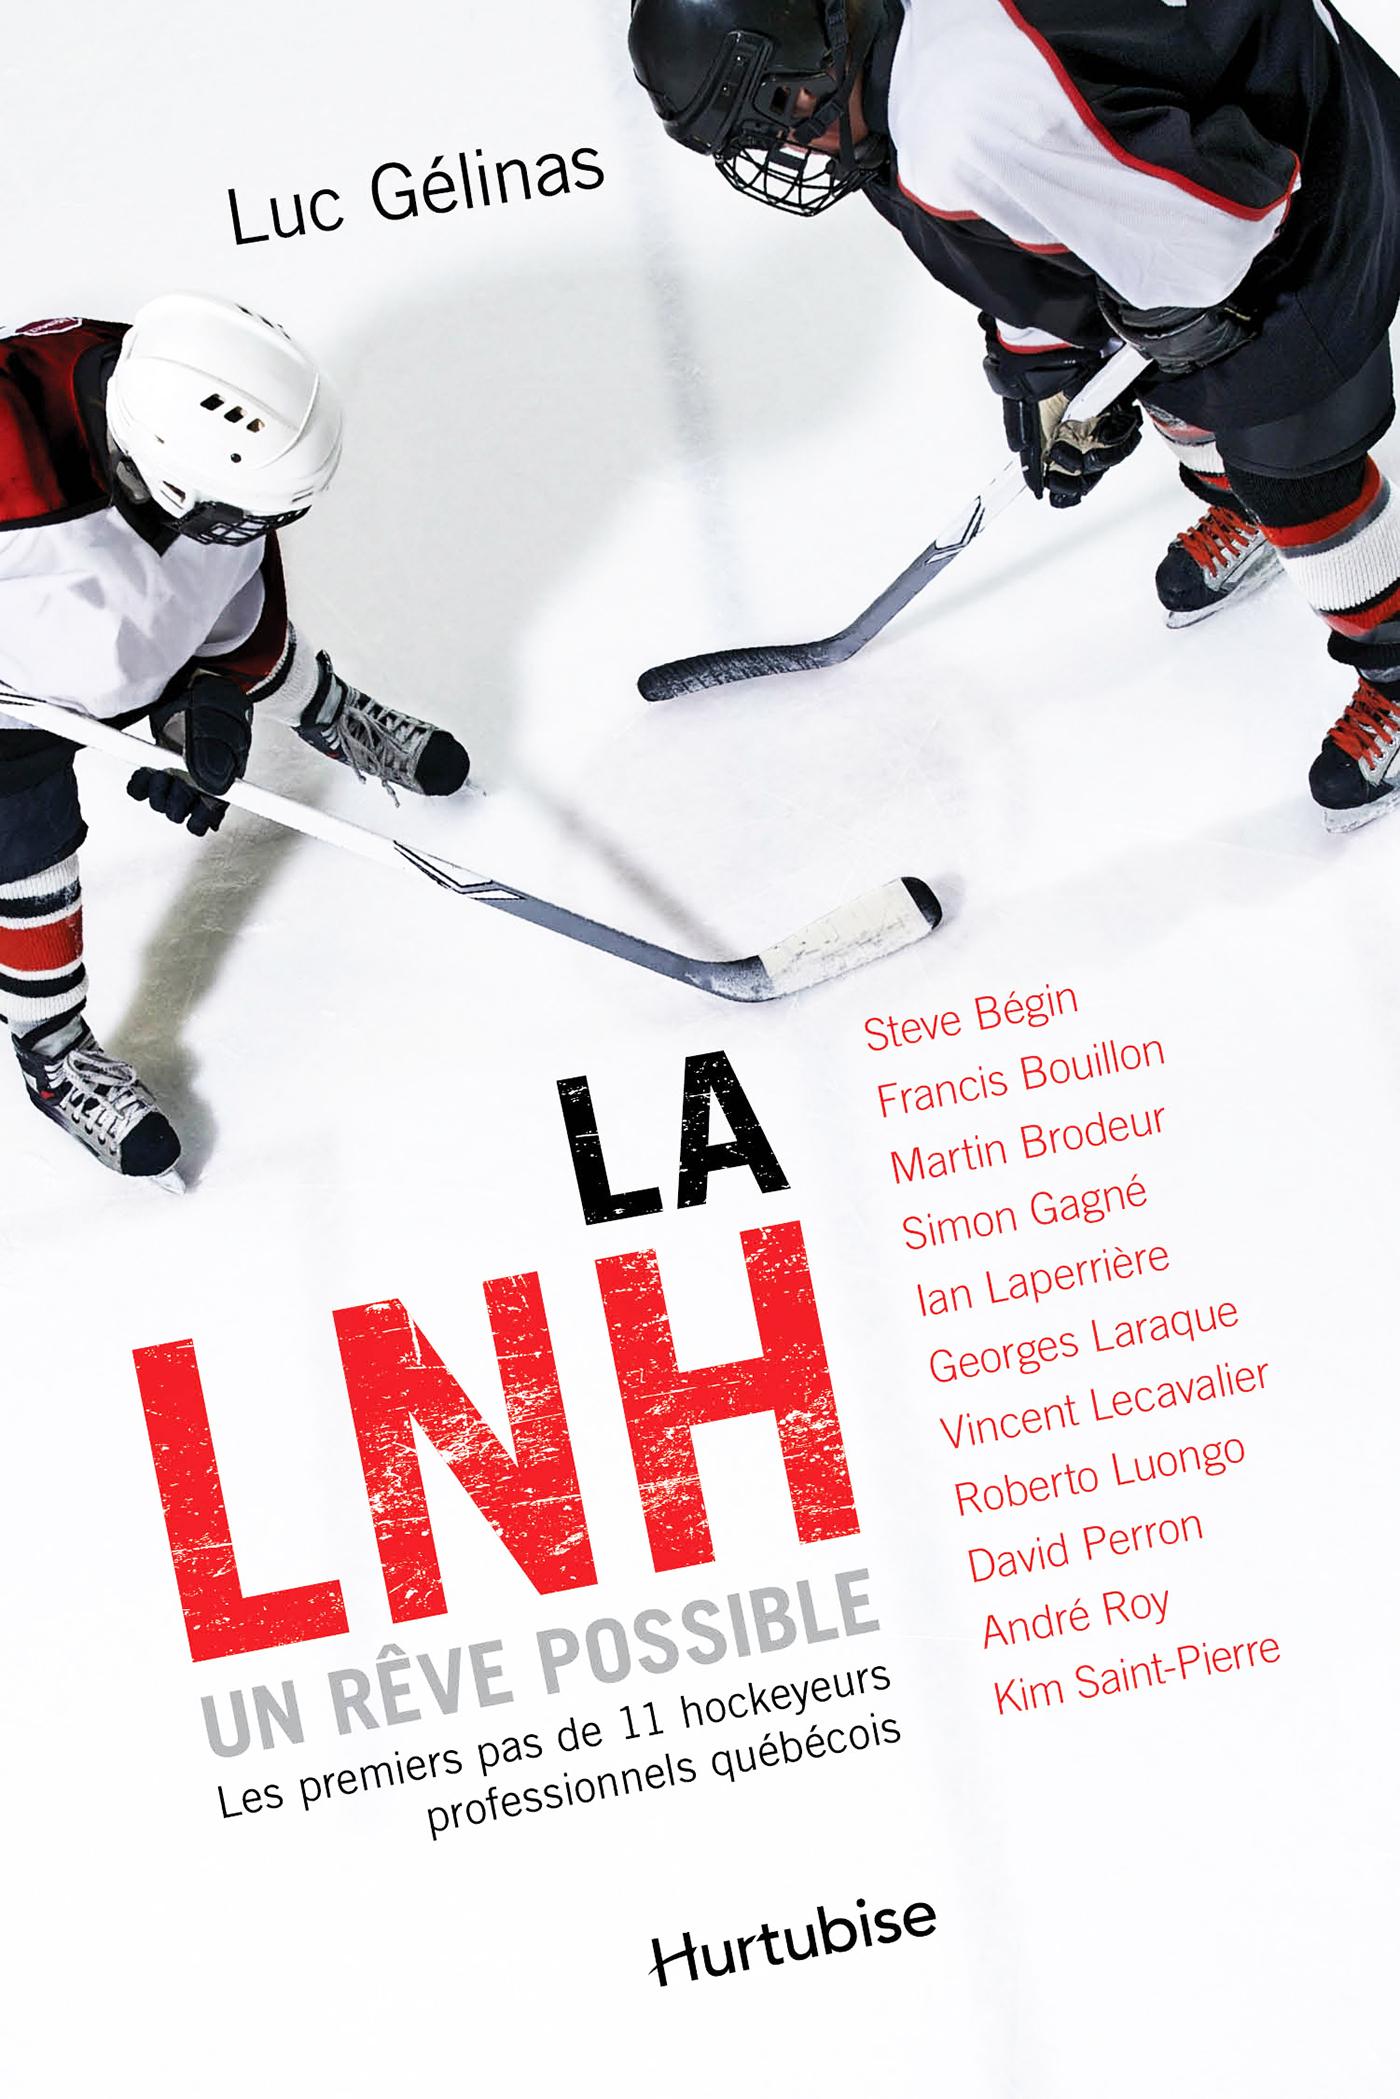 La LNH, un r?ve possible - Format poche, Les premiers pas de 11 hockeyeurs professionnels qu?b?cois